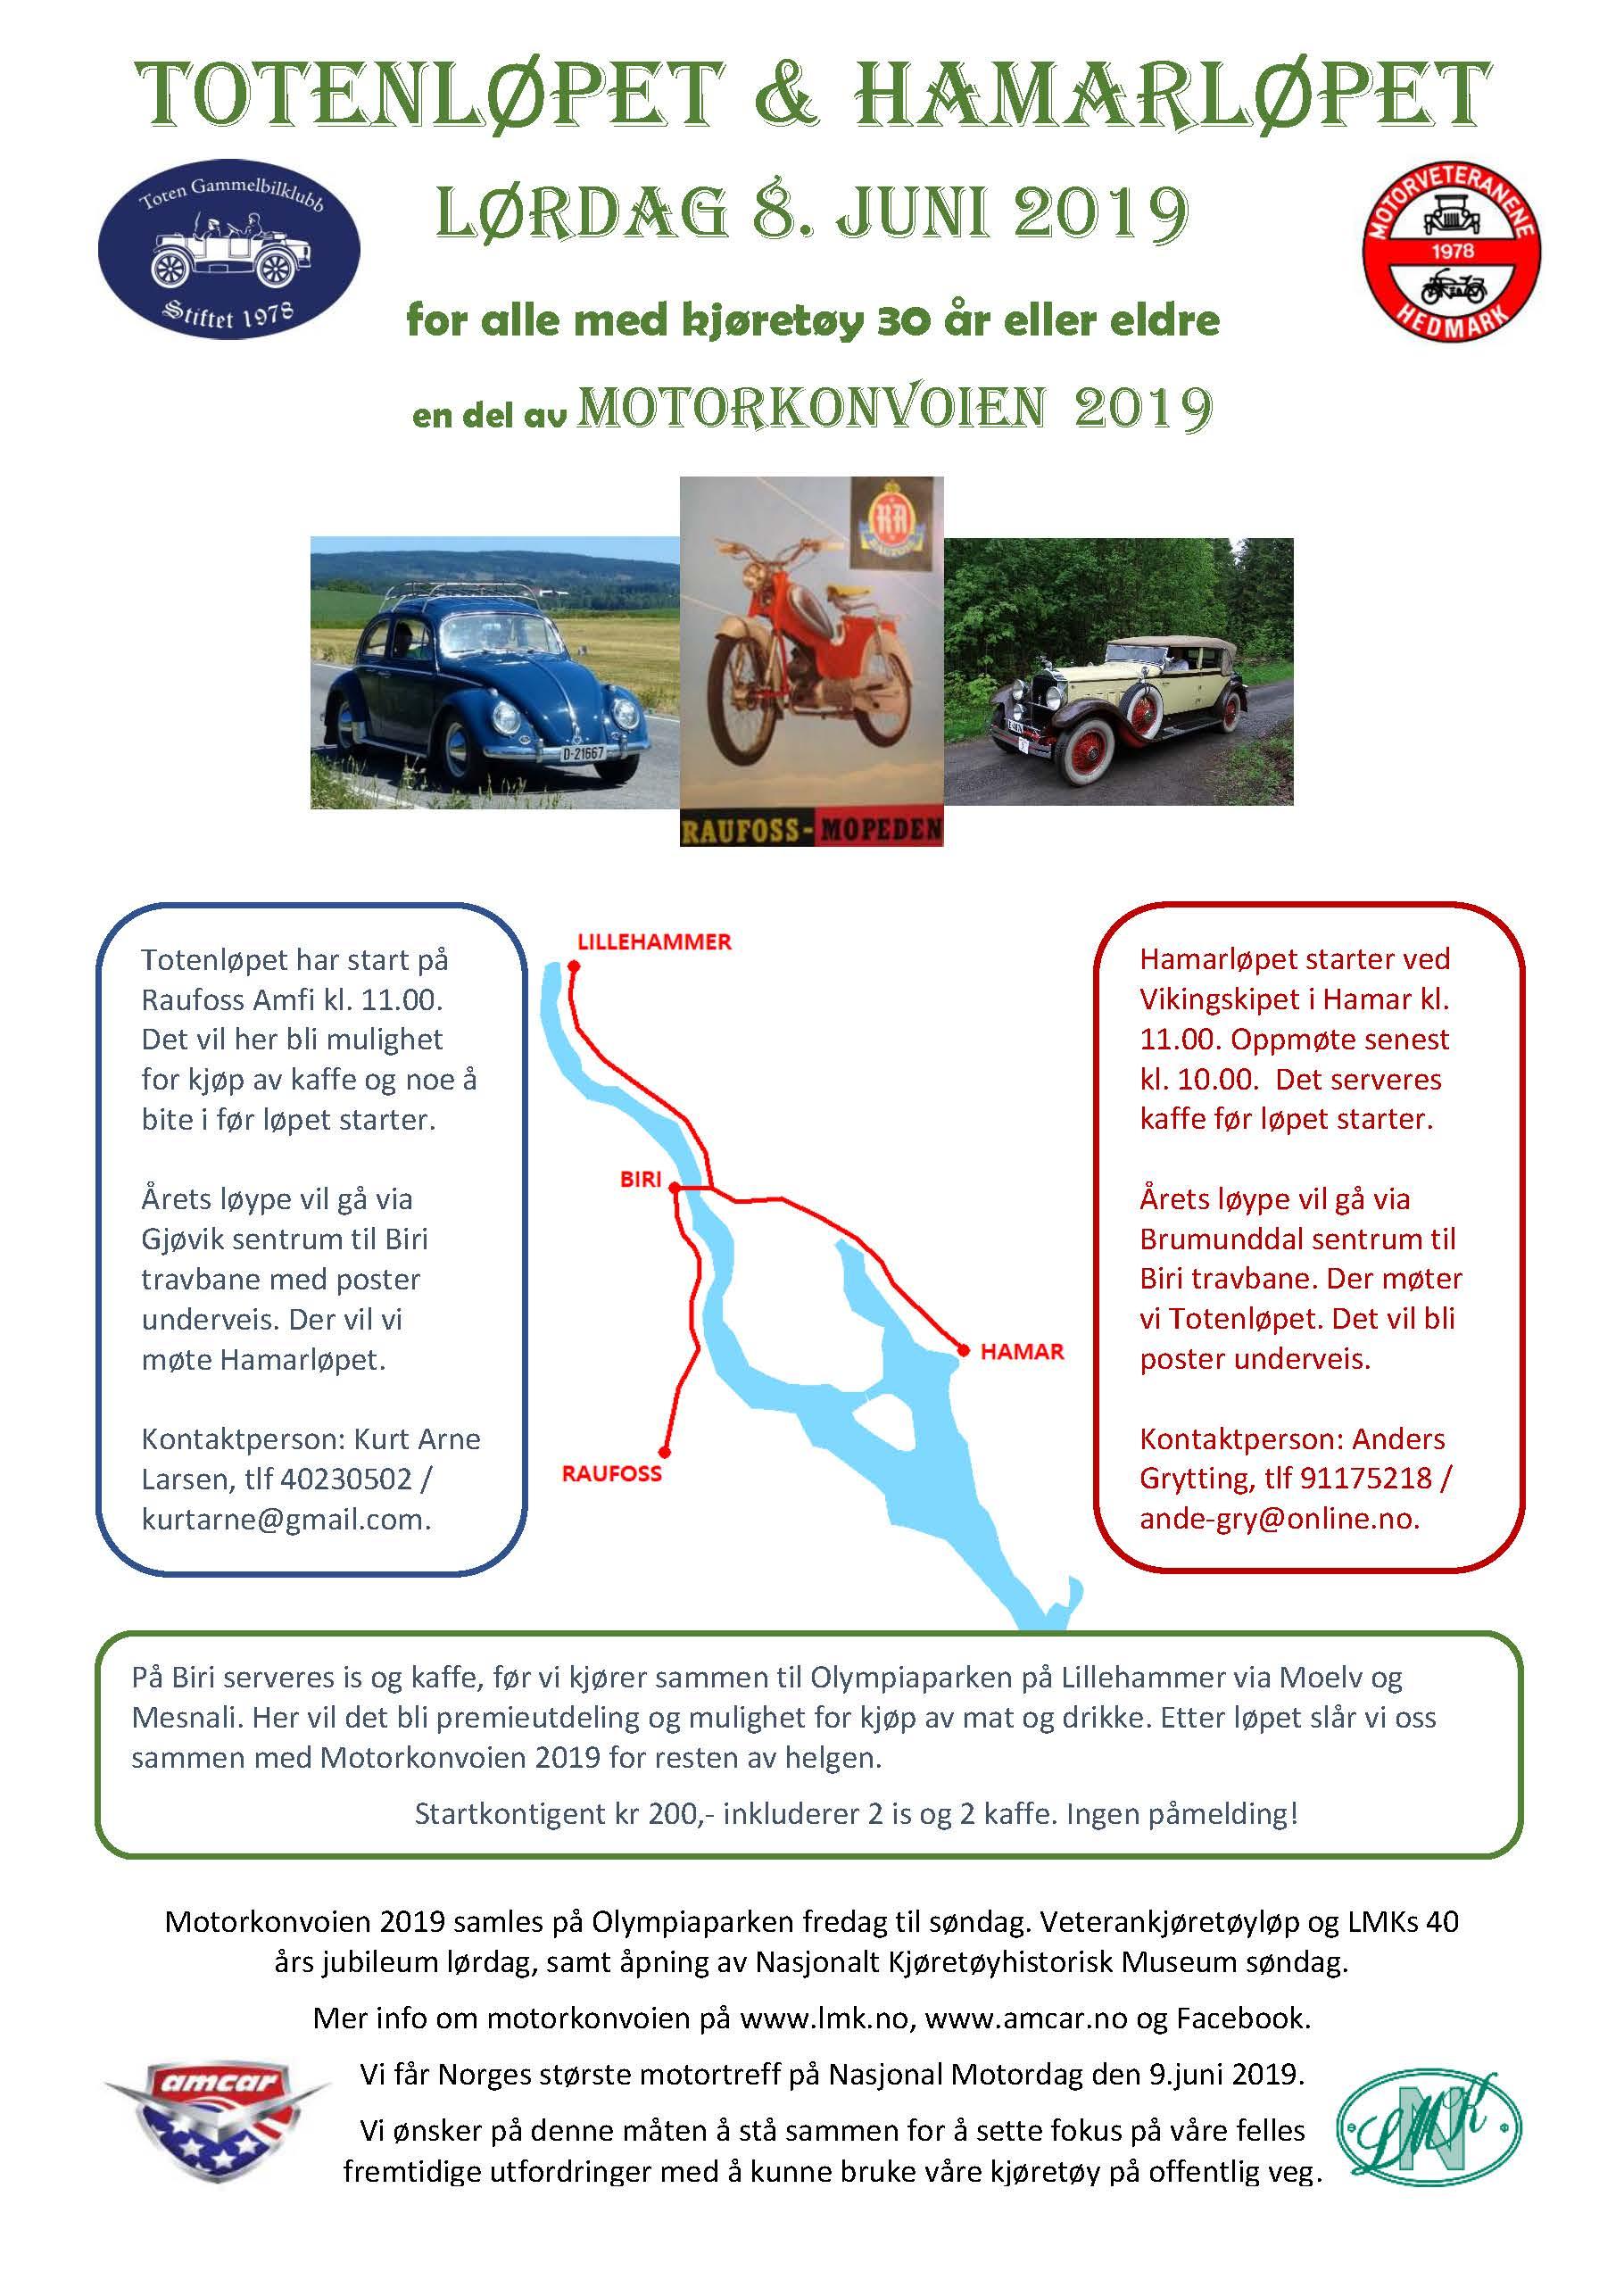 Motorkonvoien-2019